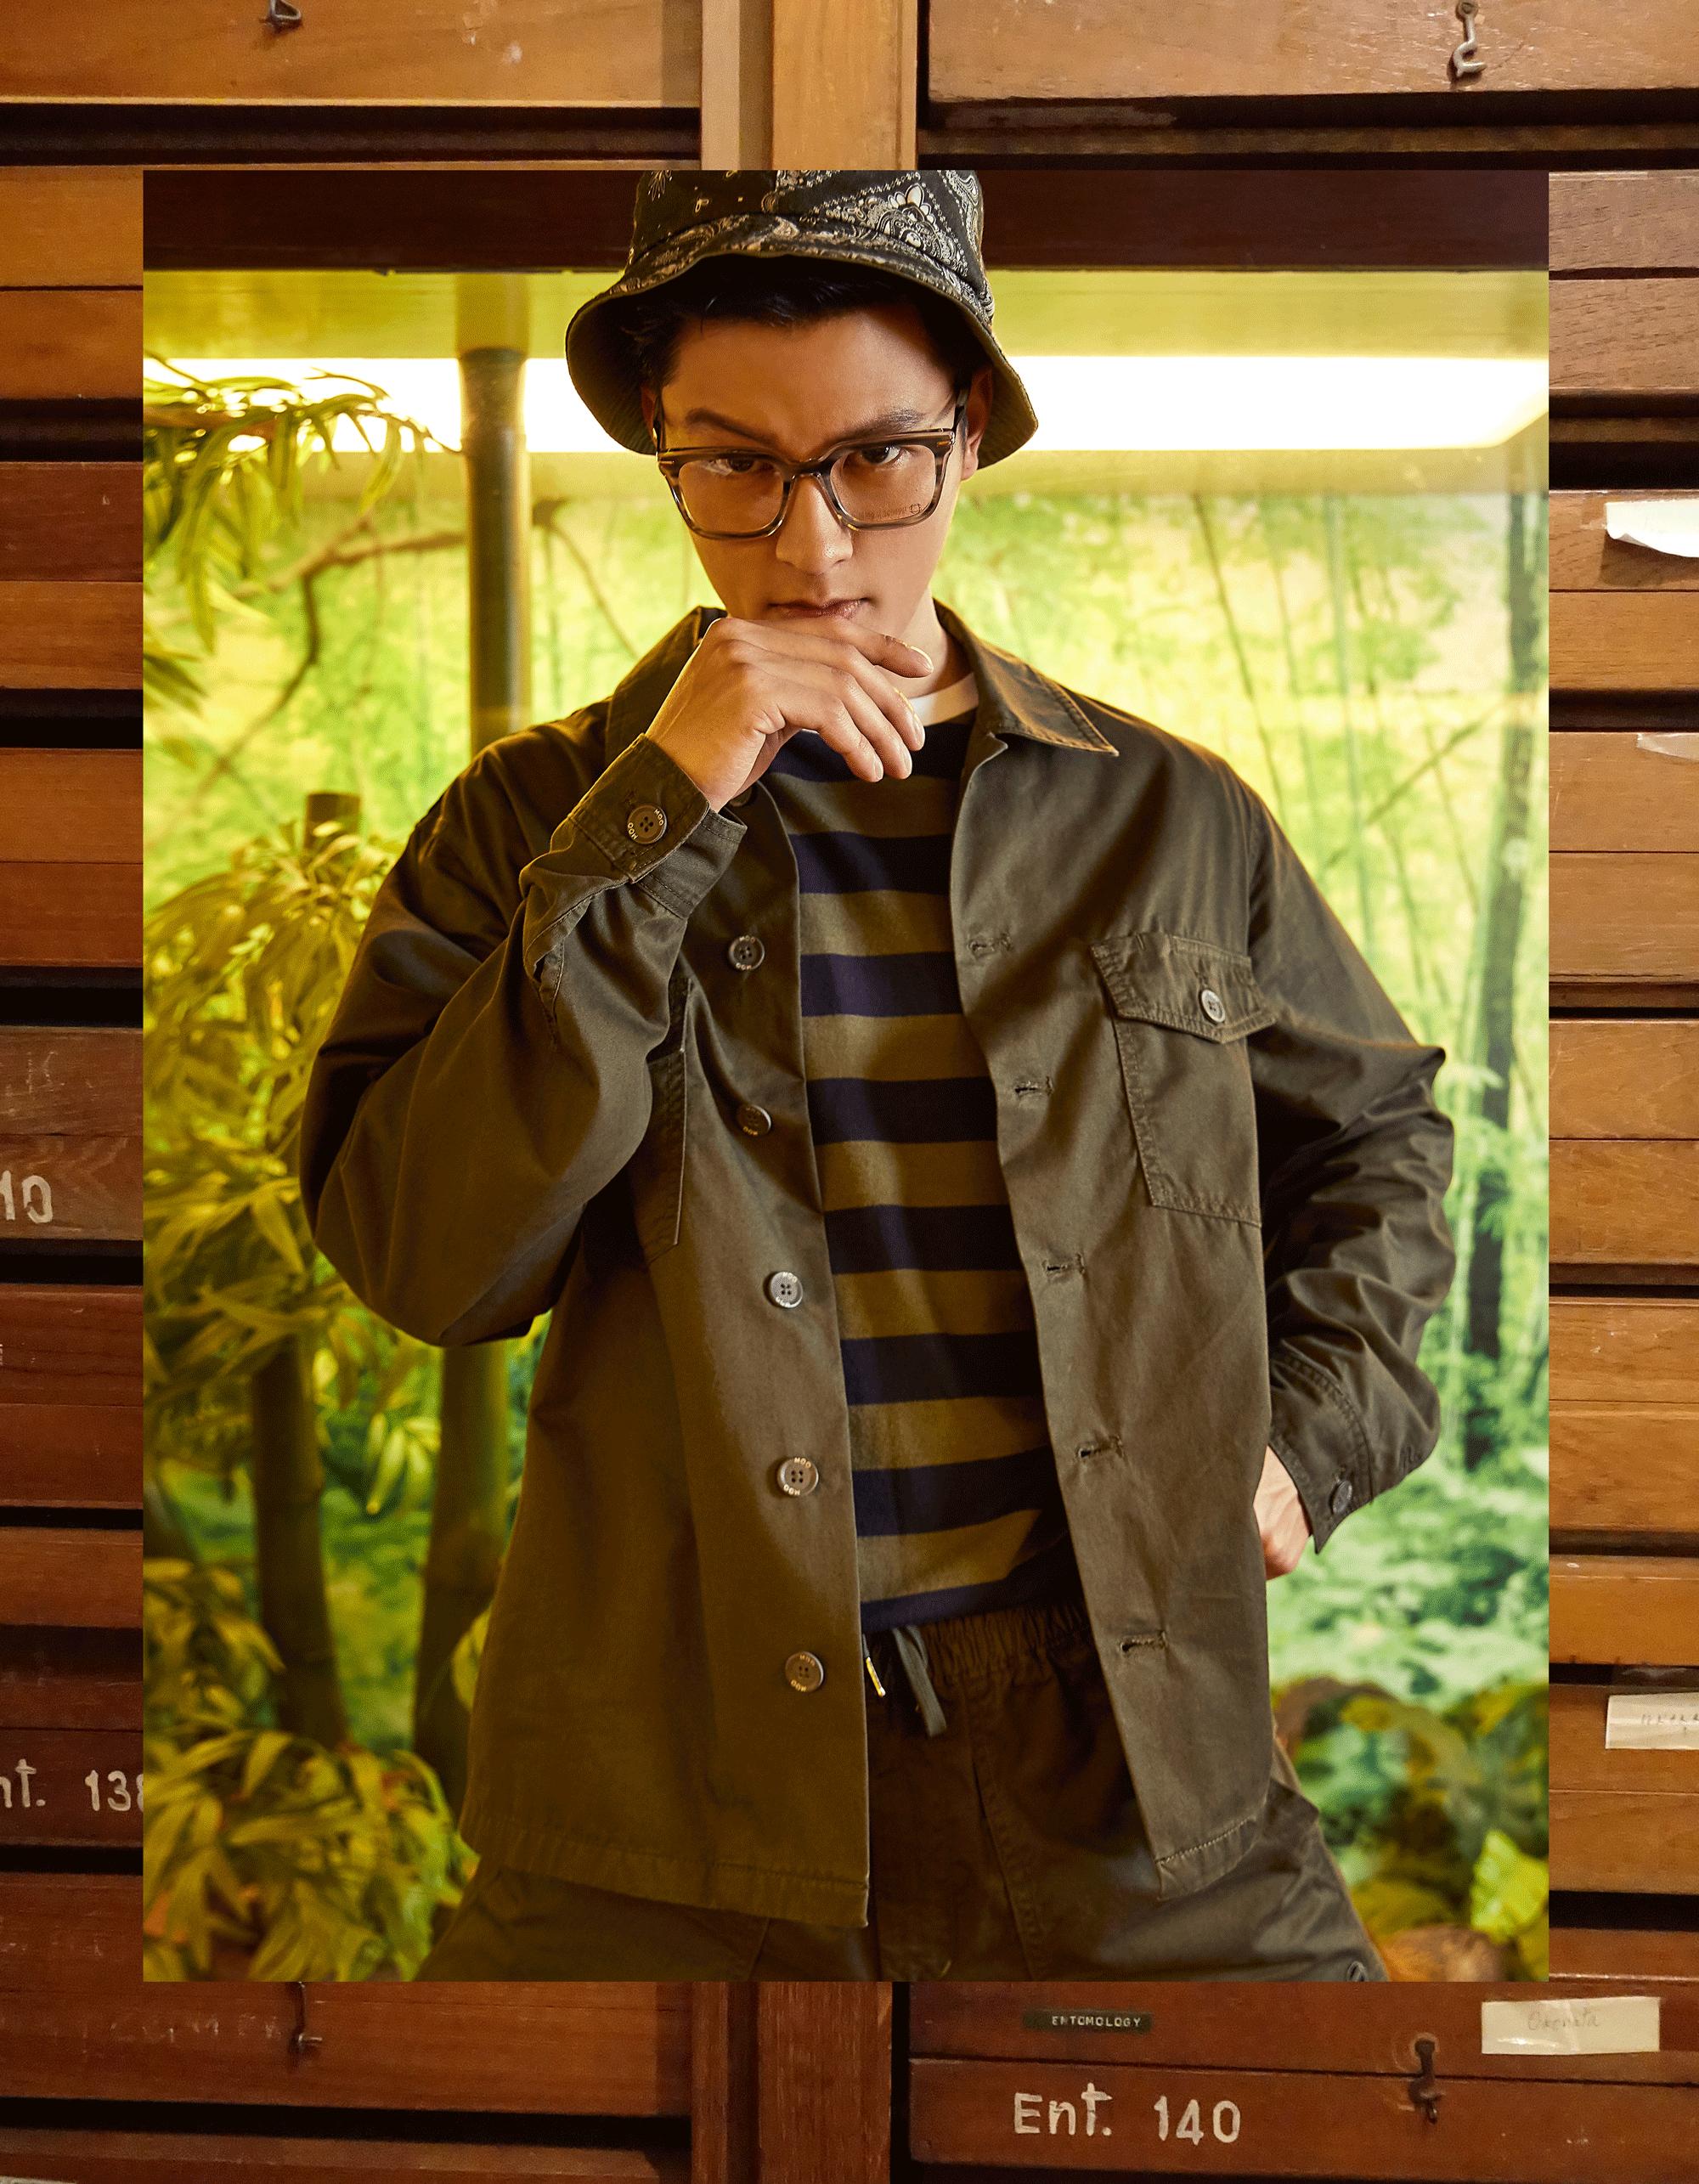 clothes : MOO / eyeglasses : Blake Kuwahara